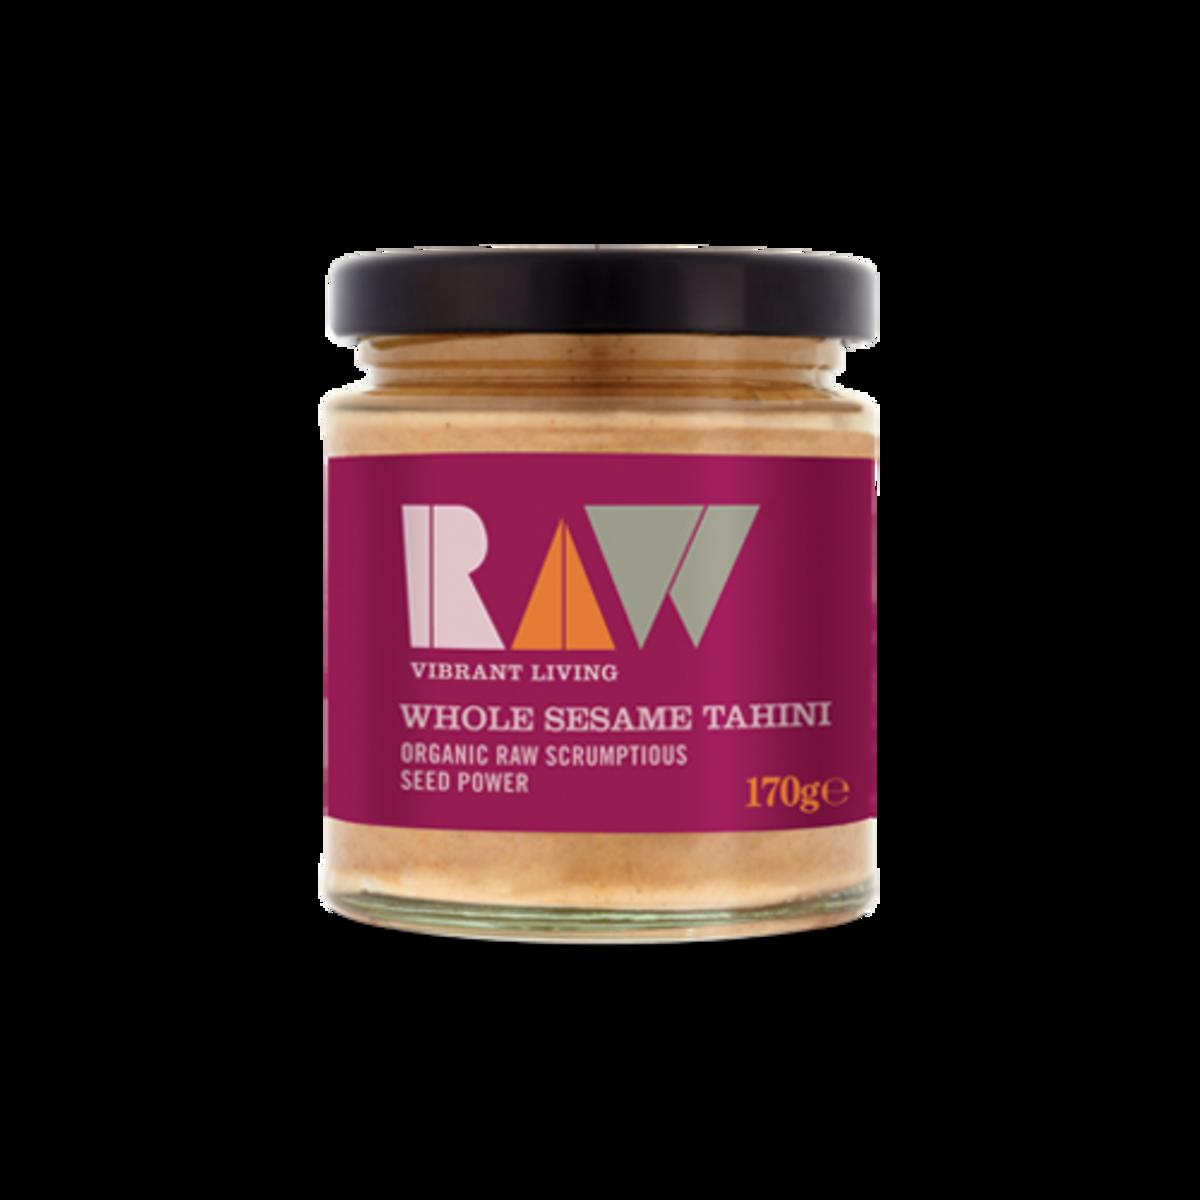 Organic Raw Whole Sesame Tahini Spread